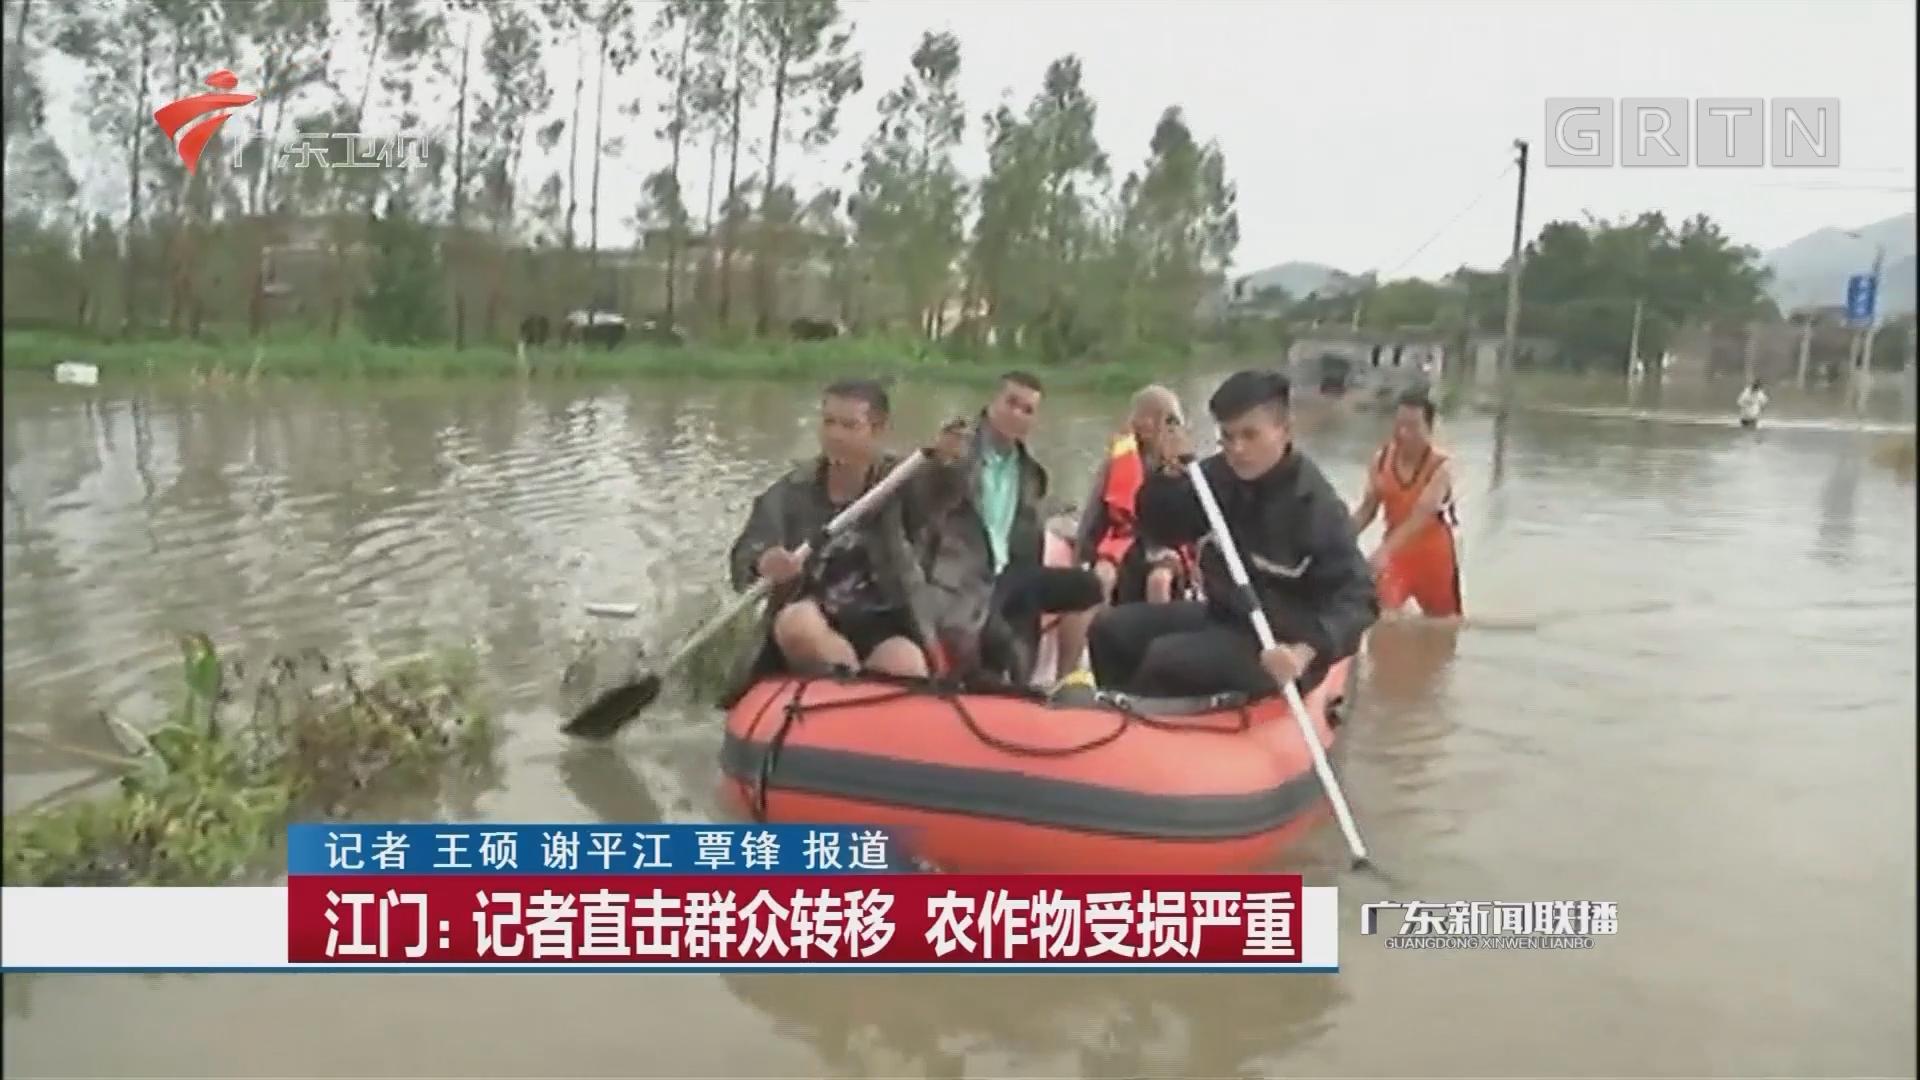 江门:记者直击群众转移 农作物受损严重